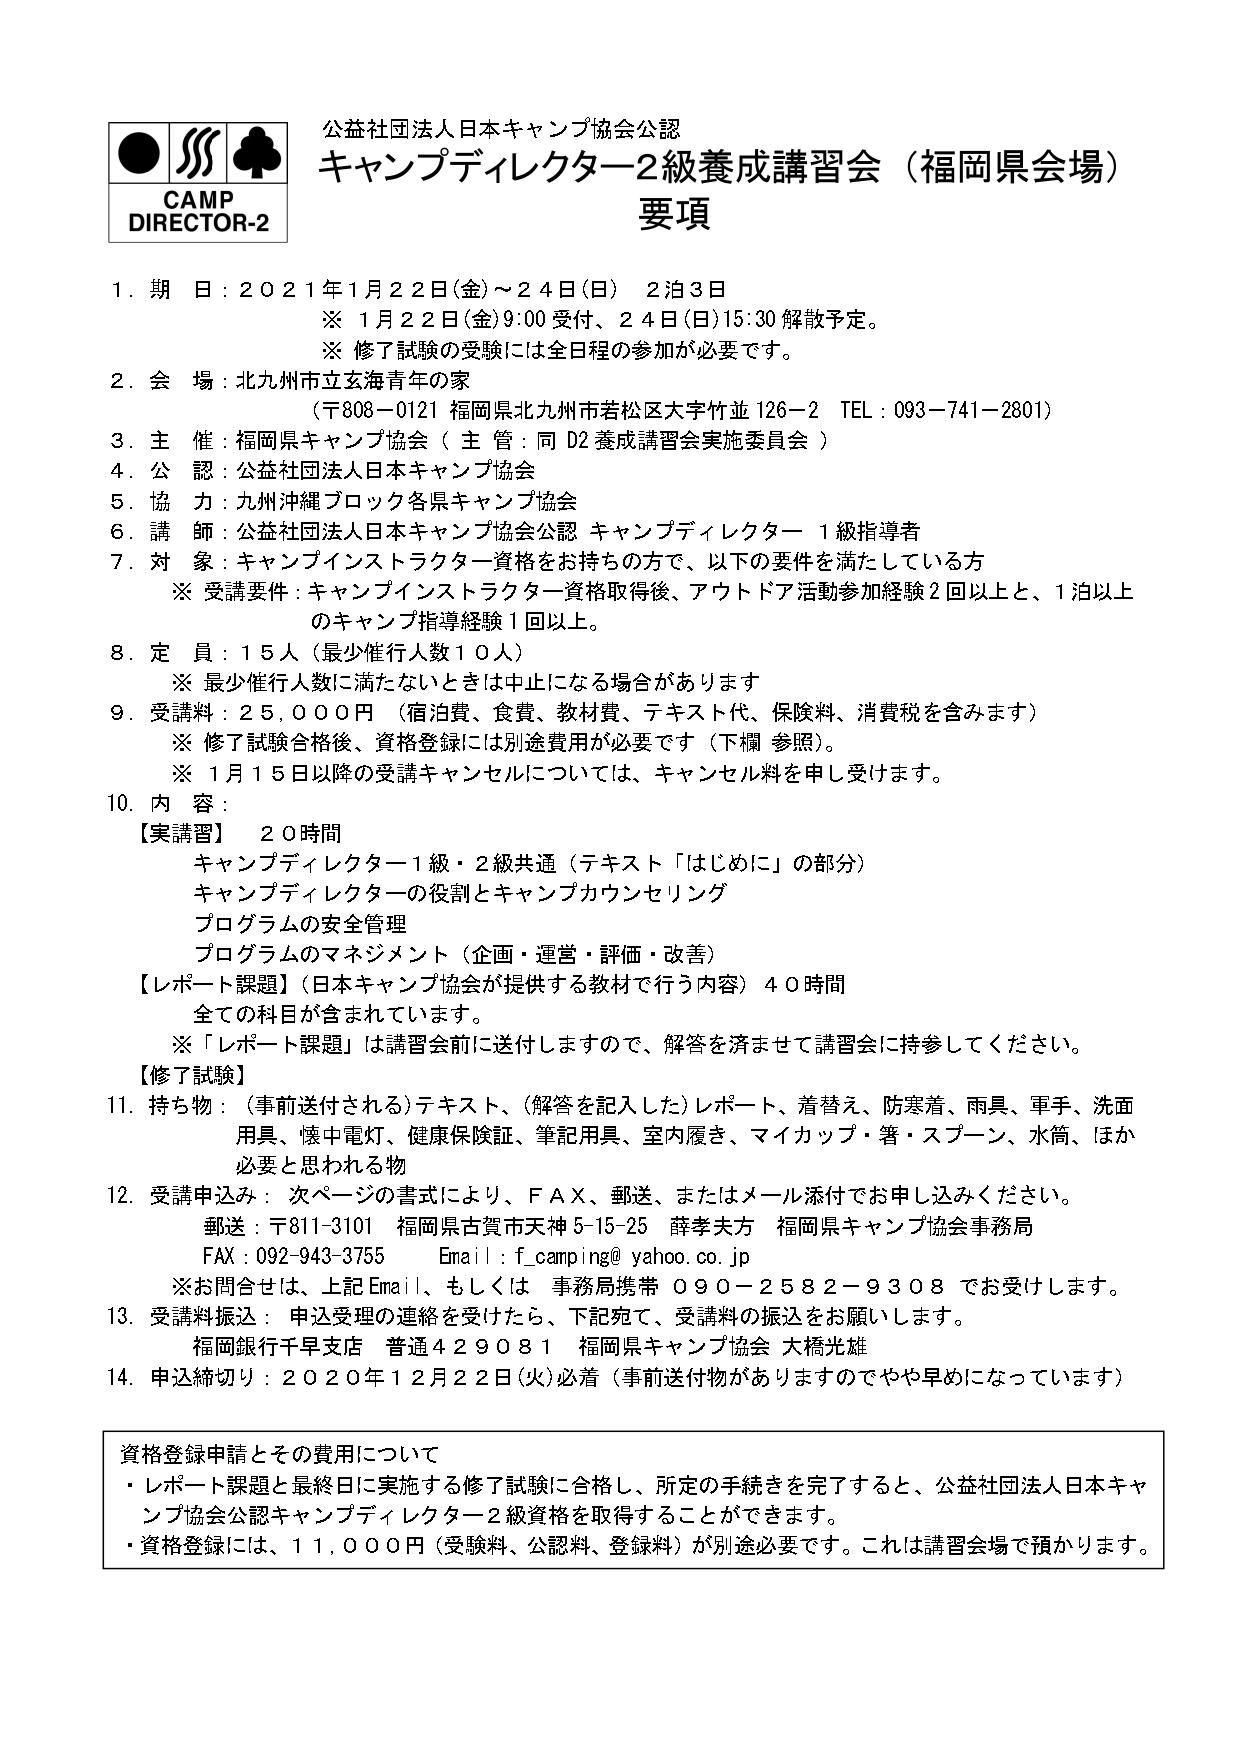 福岡:キャンプディレクター2級養成講習会(1/22~24) @ 北九州市立玄海青年の家